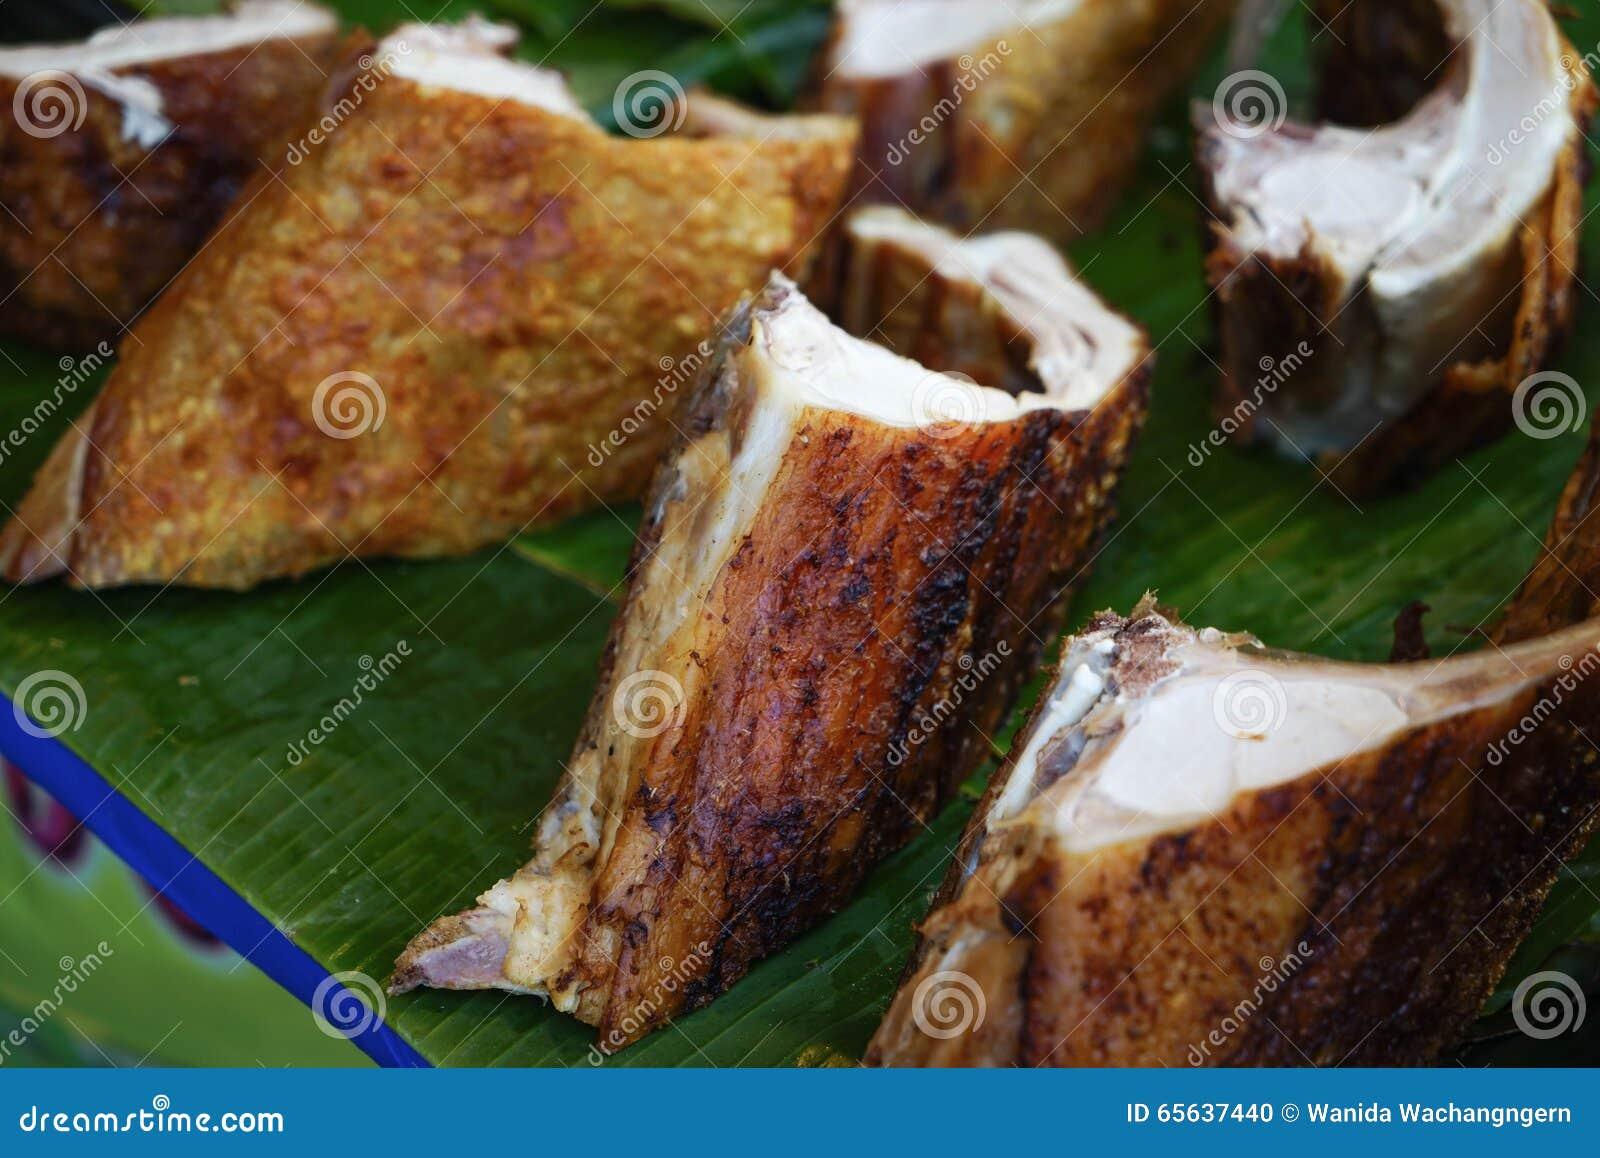 Porc croustillant placé sur la feuille de banane